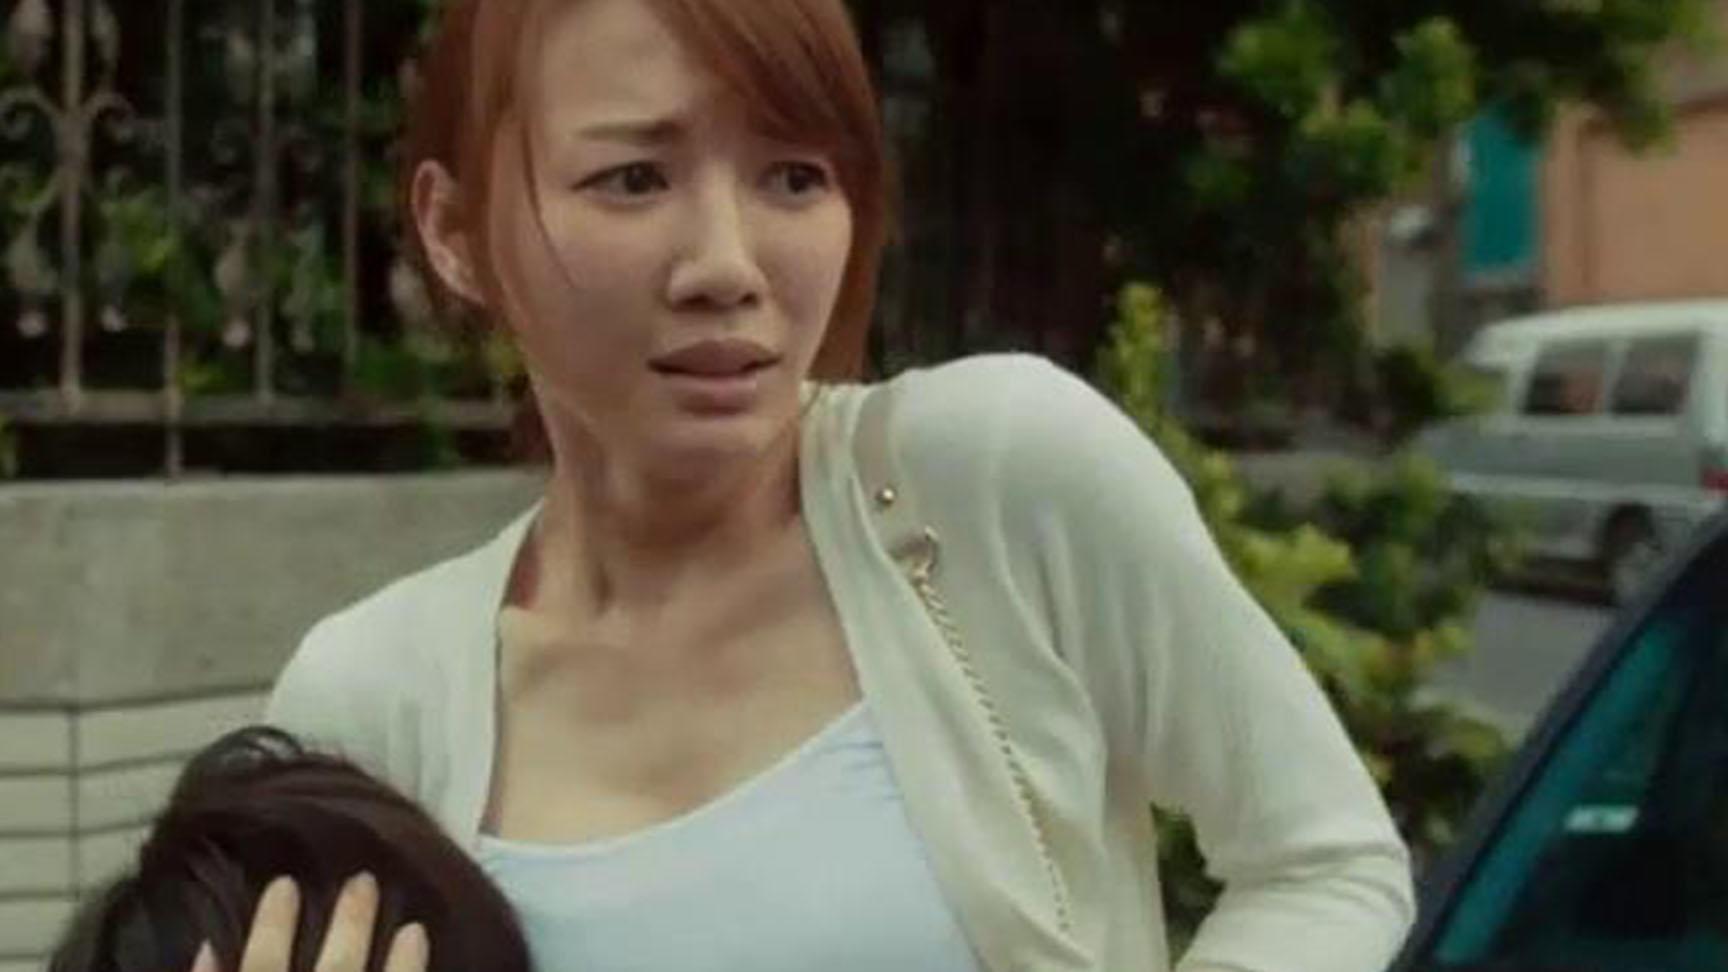 #这个视频666#小涛电影解说:几分钟看完中国台湾恐怖电影《九月四日》